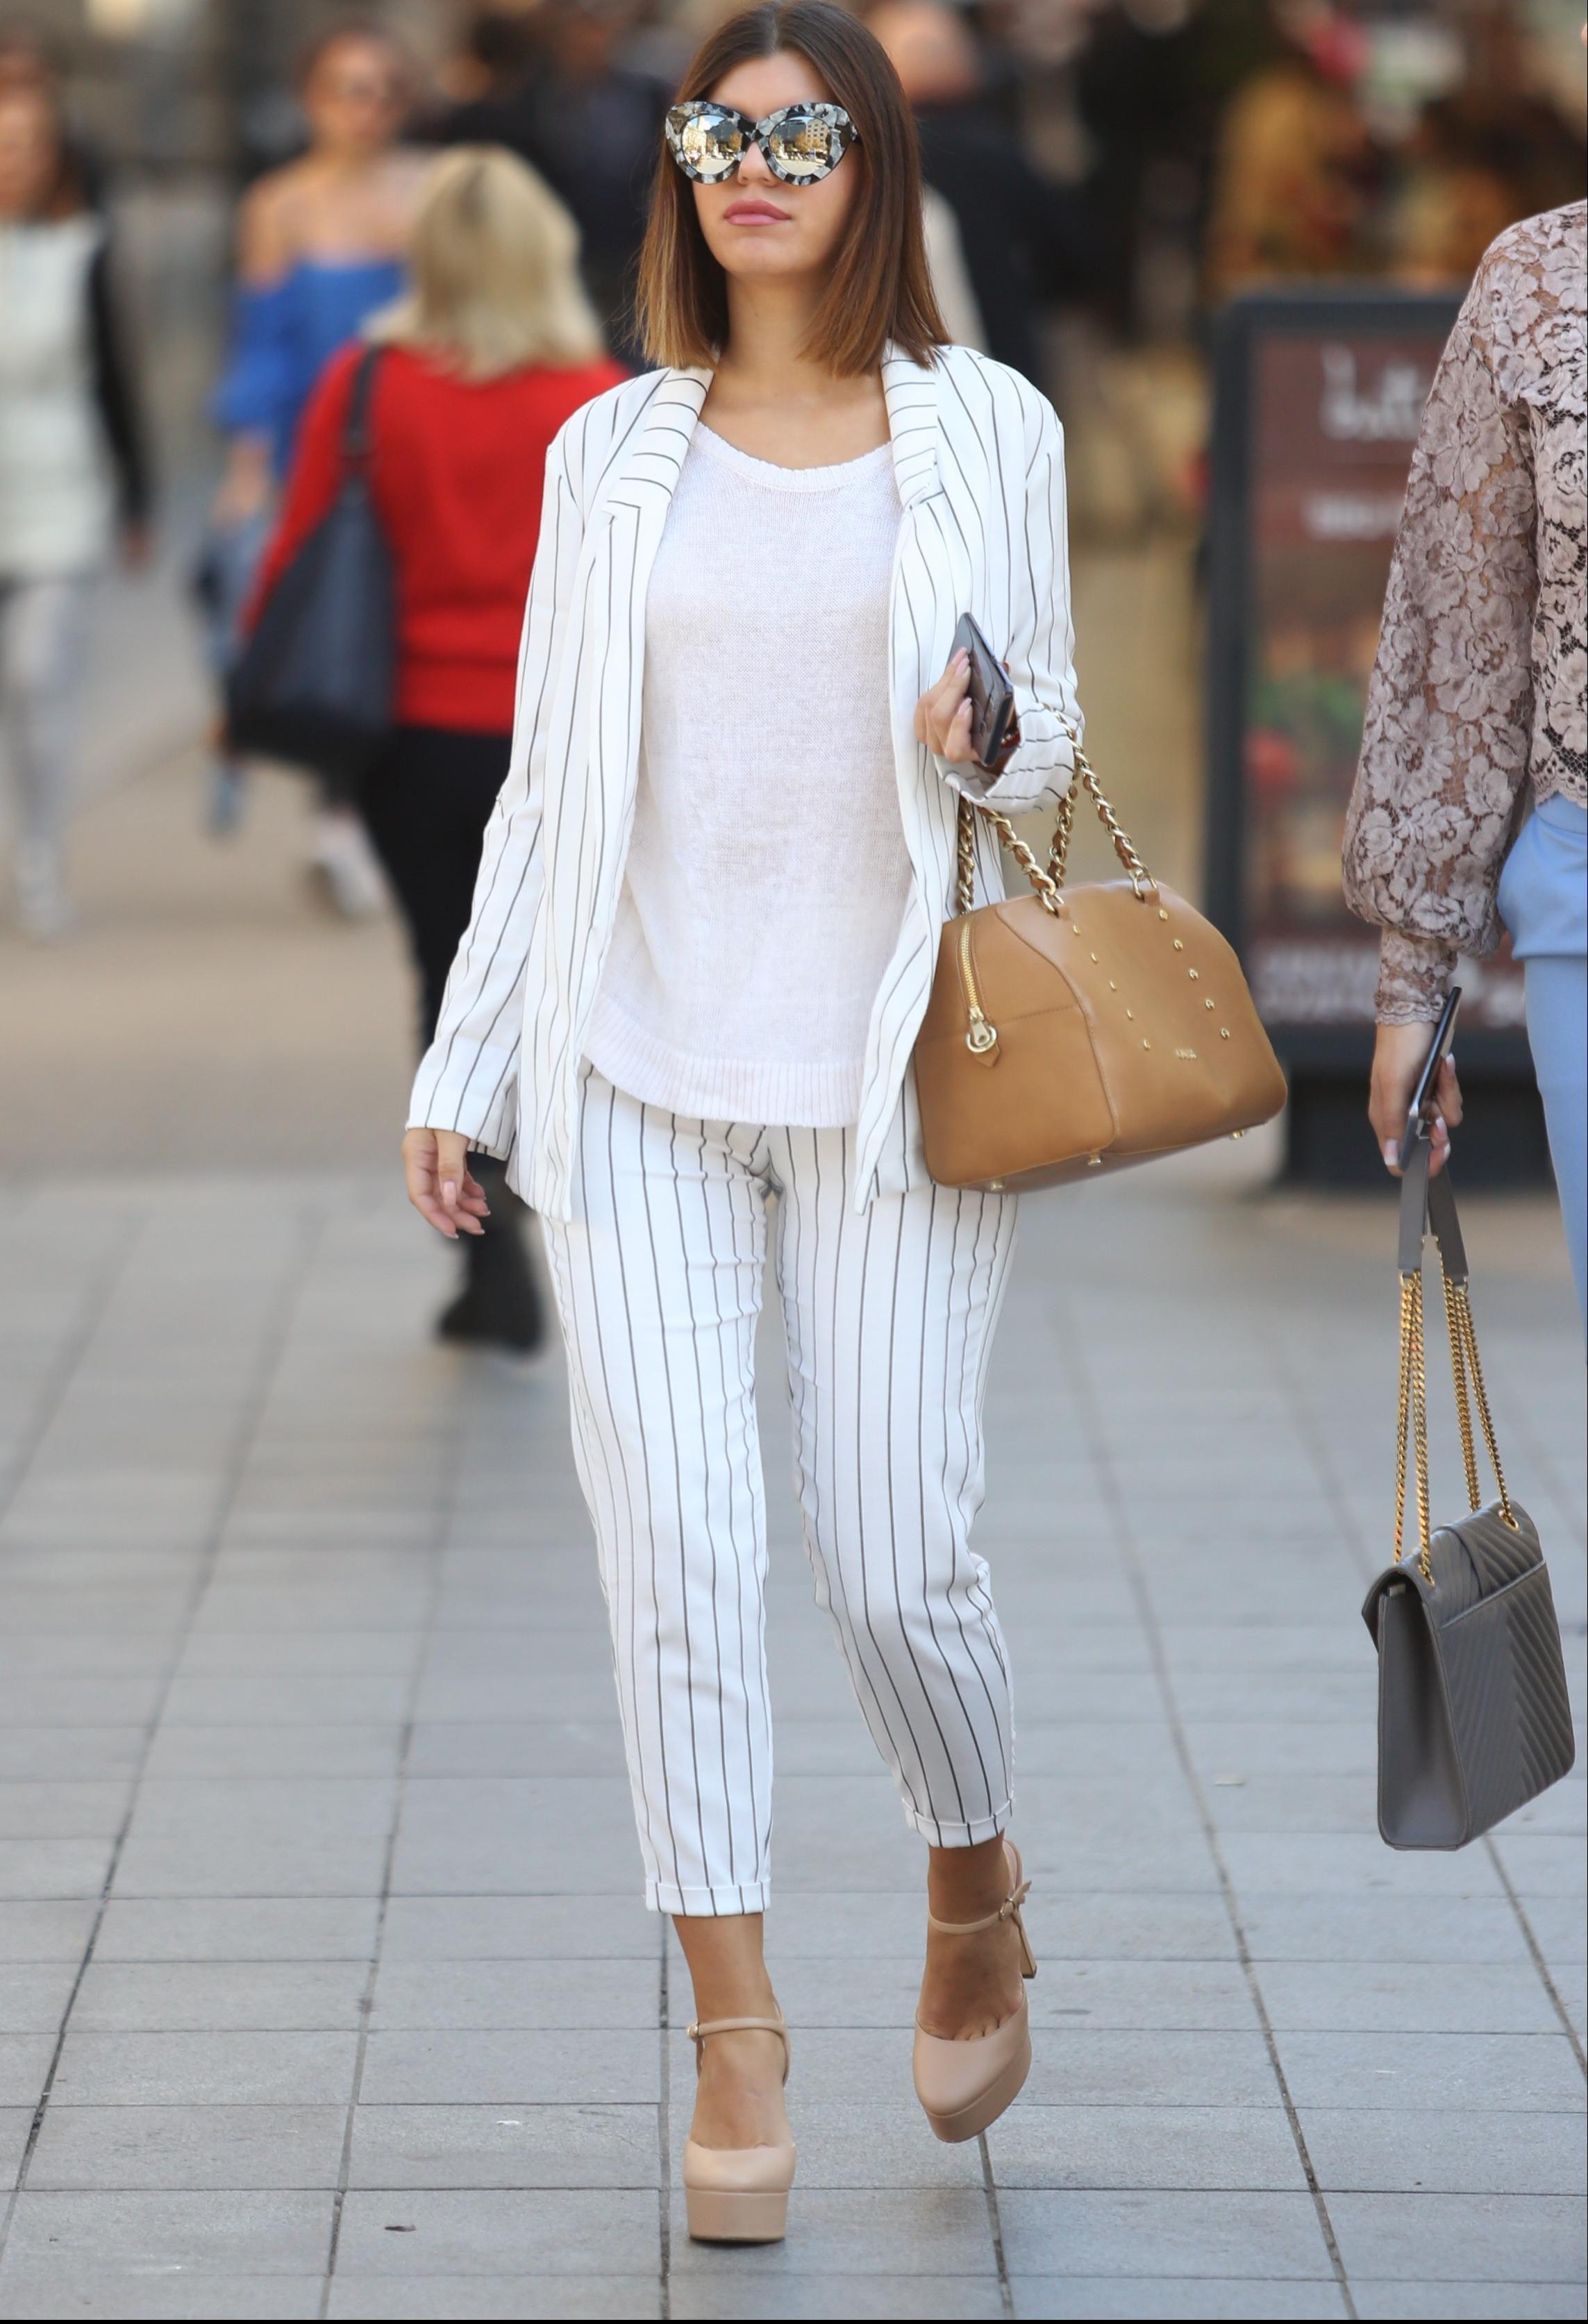 To se zove dobar outfit! U ovu su zgodnu damu u centru Zagreba bili uprti svi pogledi!